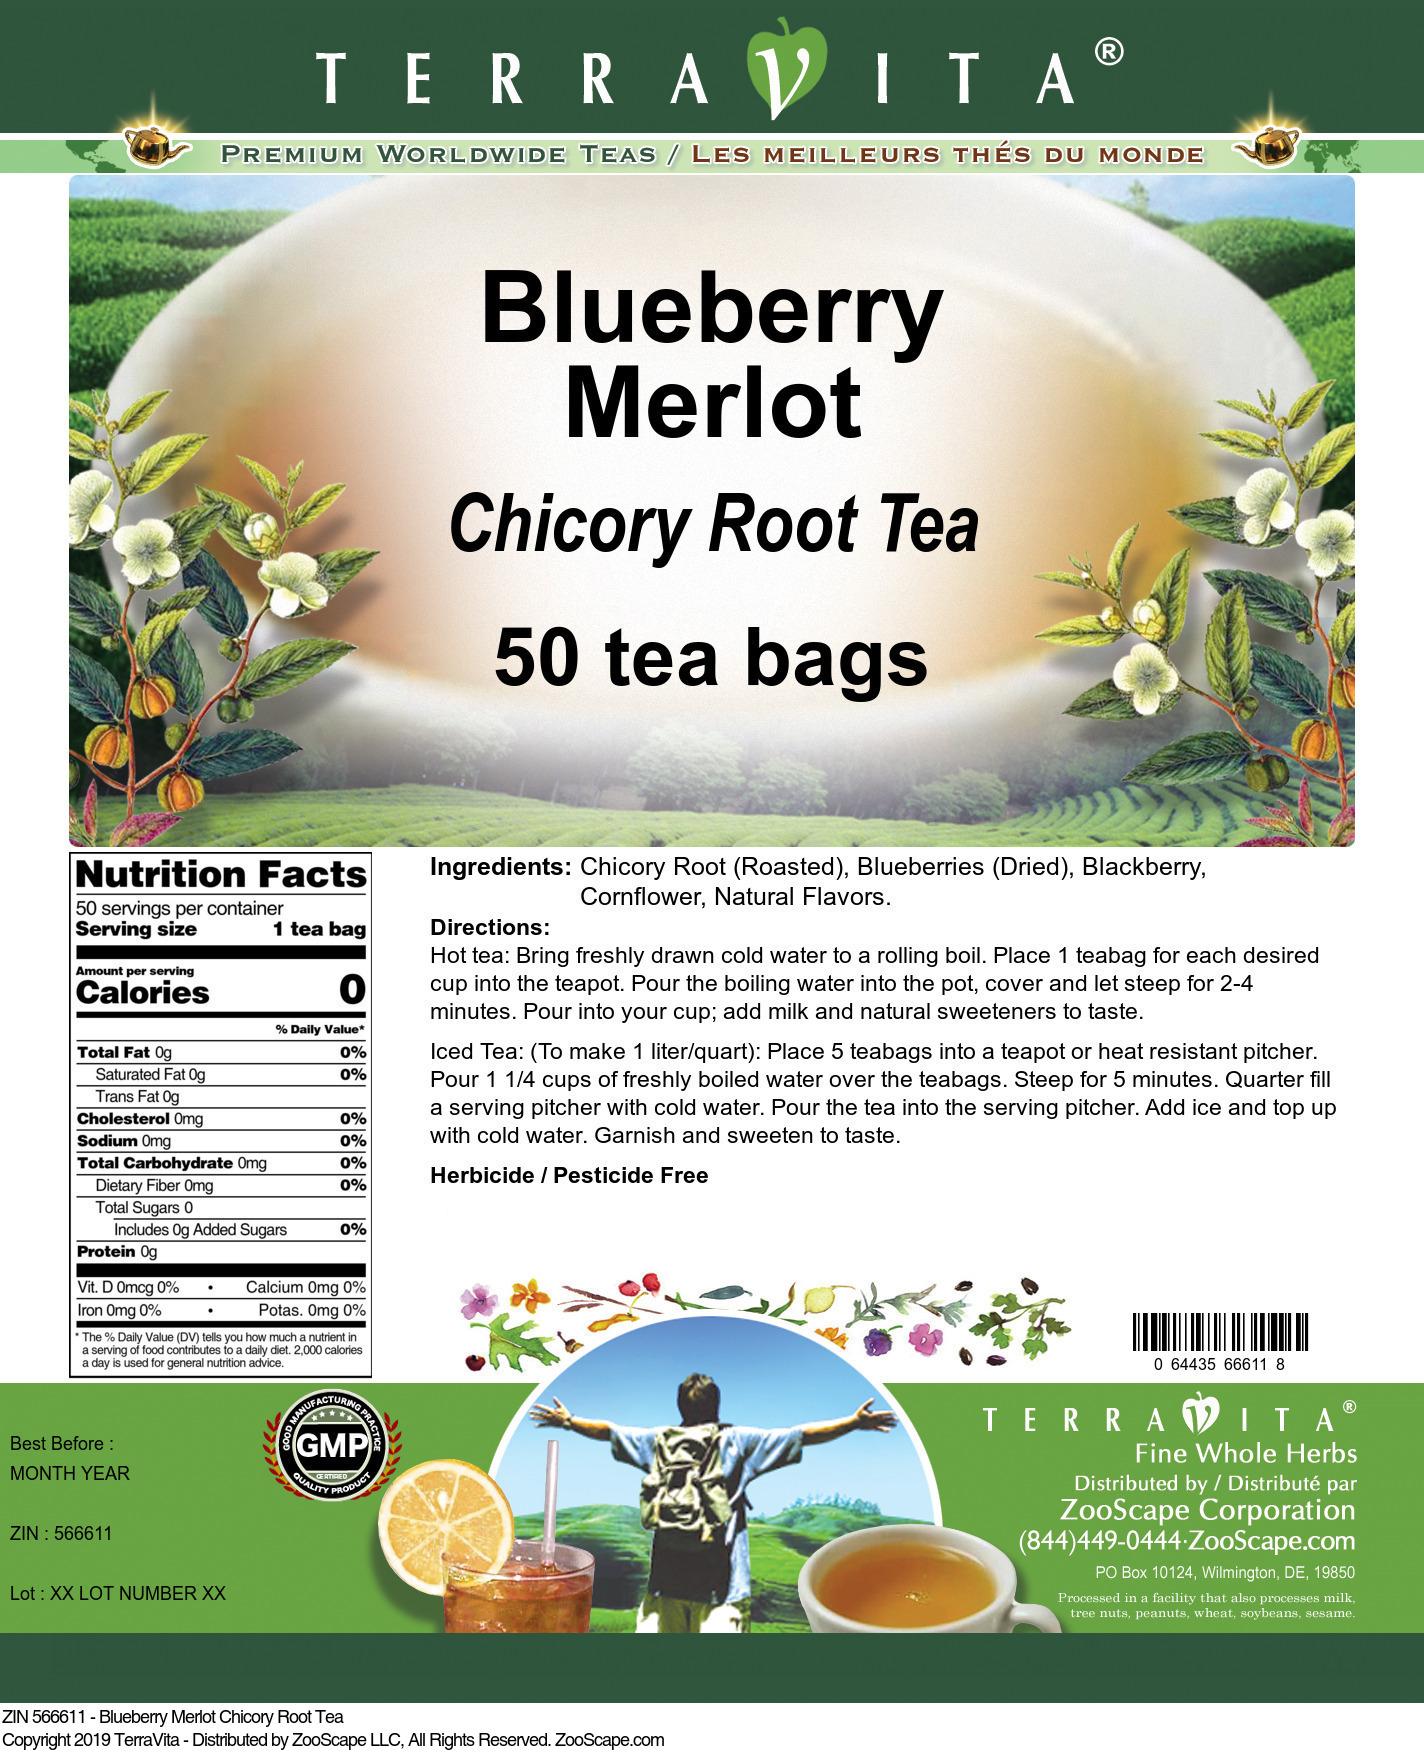 Blueberry Merlot Chicory Root